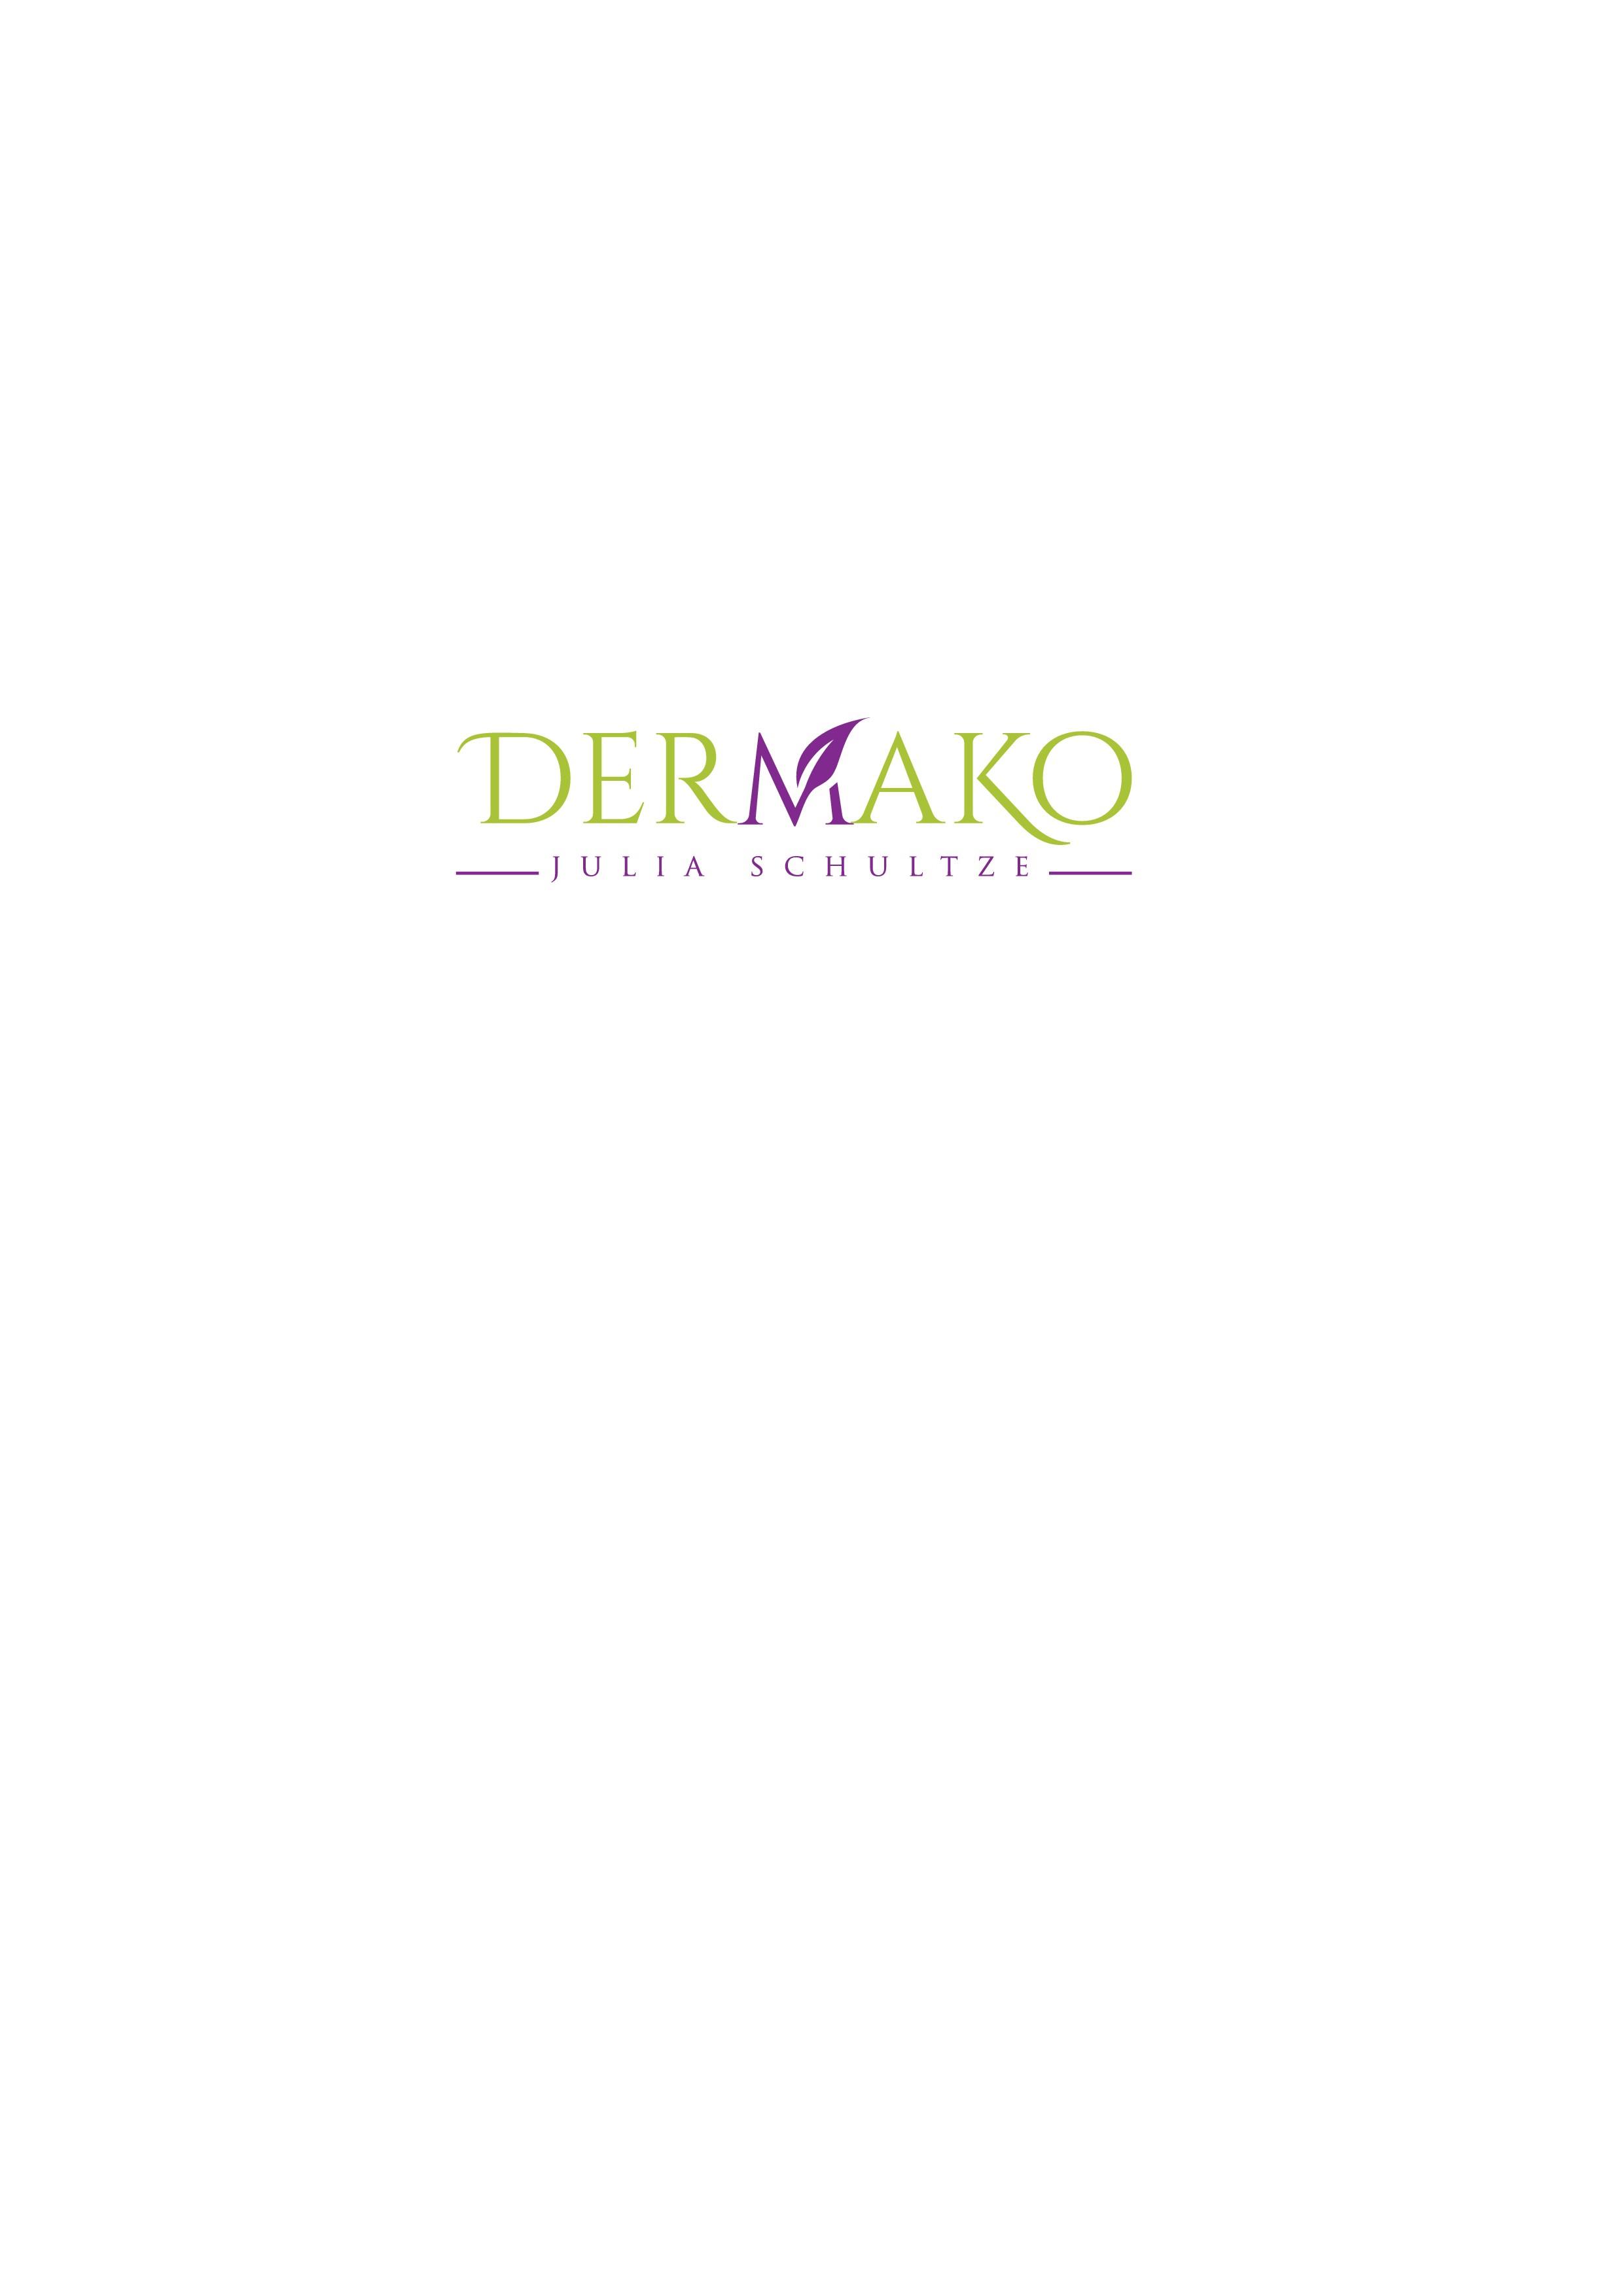 Ein ausdrucksstarkes Logo für ein Kosmetikinstitut